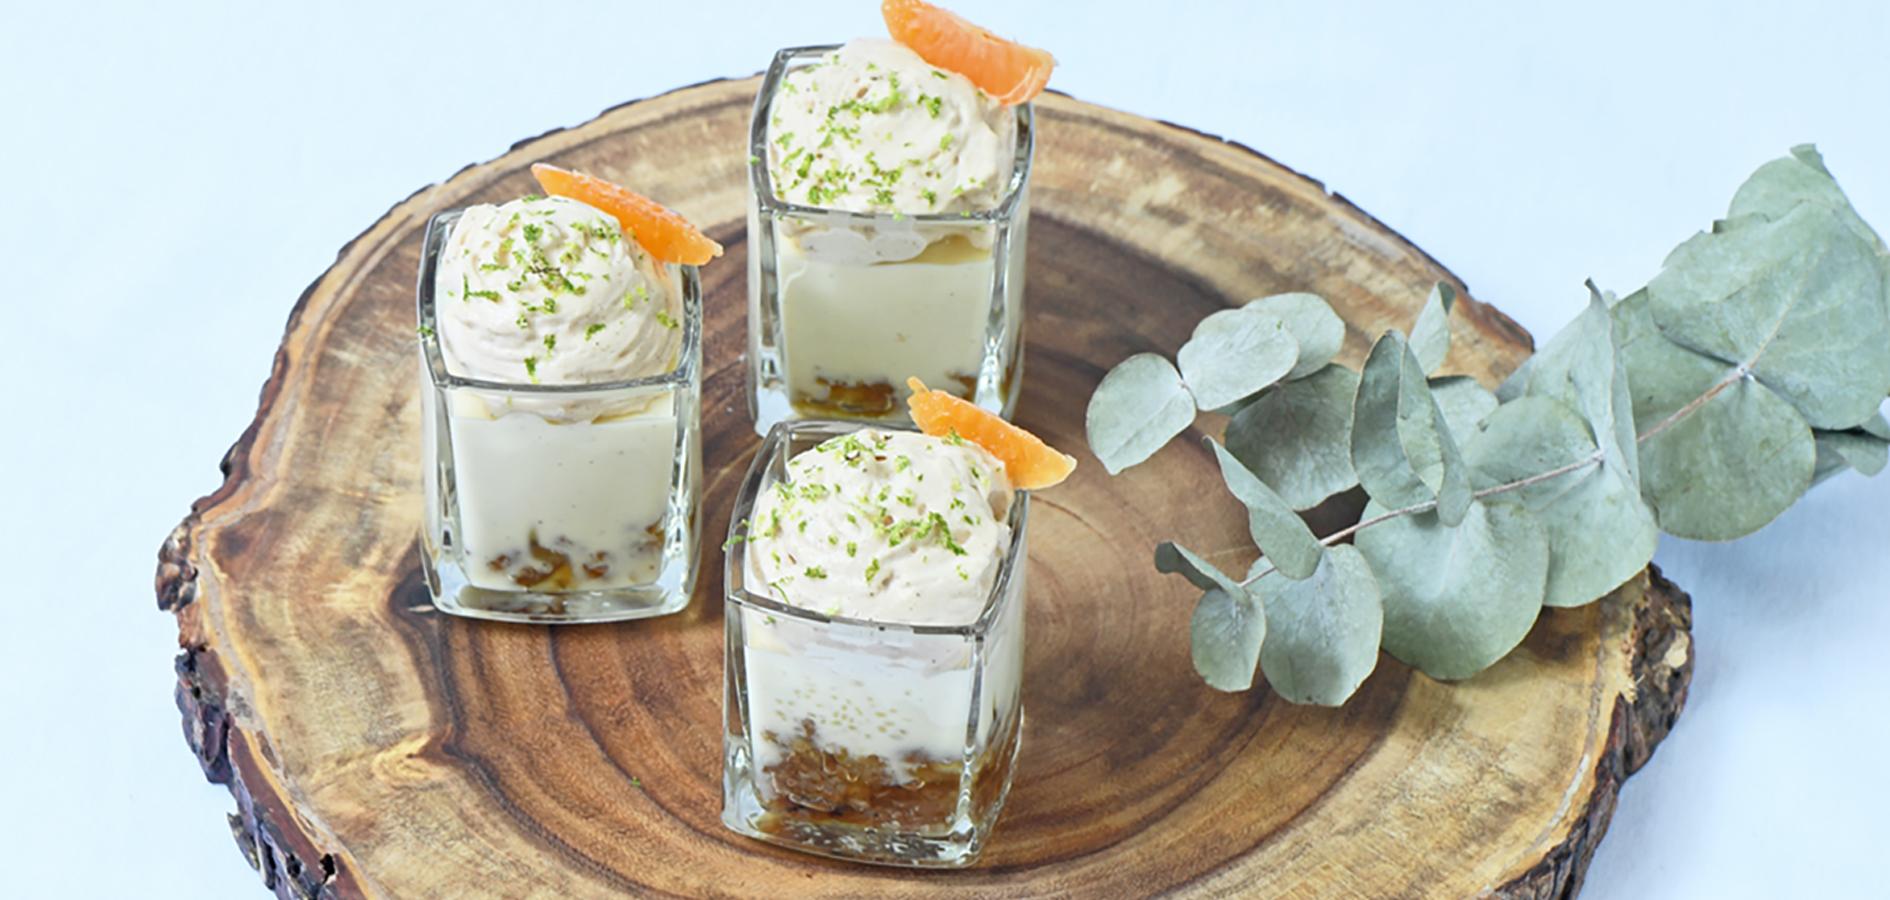 Panna cotta recette originale au marron et au citron caviar